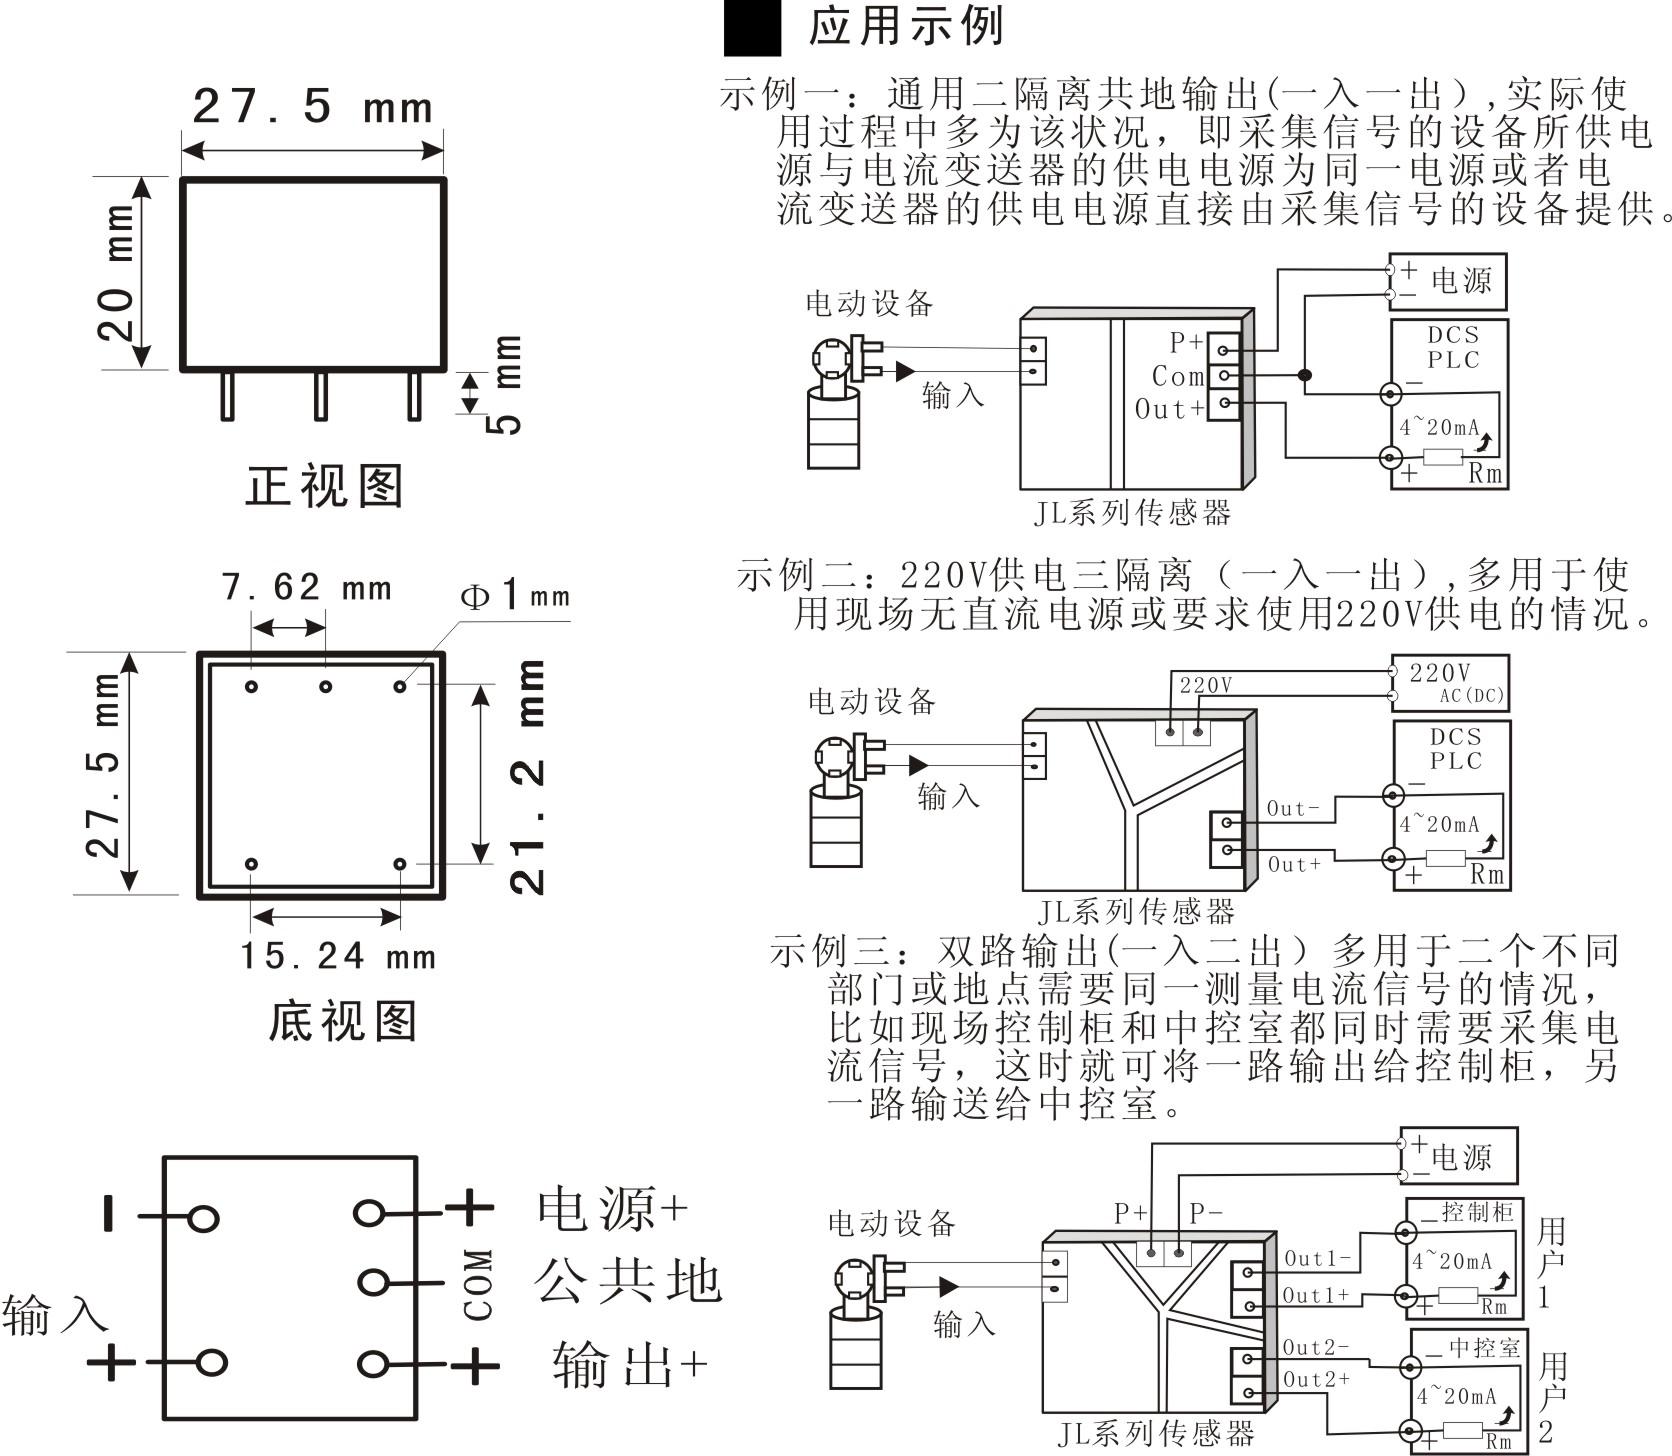 """体积小 高度电绝缘 高可靠性 稳定性好 应用领域: 高速驱动领域 功率电源 过压保护 控制系统反馈 铁路系统 电力系统 直流电压传感器注意事项: 1.正确连接电源线 2.当被测电压正端从""""V+""""端输入,从""""V-""""输出时,在测量端获得同相电压。 连接与调节 """"+"""":正电源 """"-"""":负电源 """"VO"""":输出端 """"GND"""":电源地 """"V+"""":被测"""